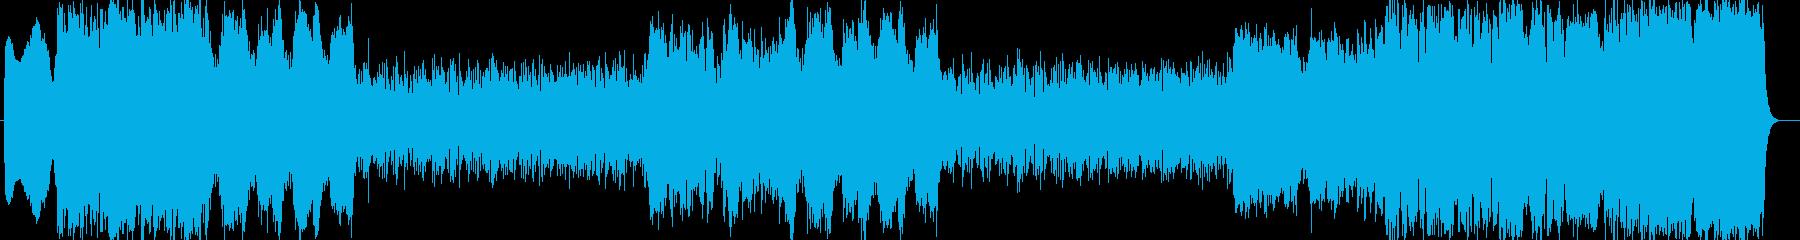 雄大なオーケストラソングの再生済みの波形